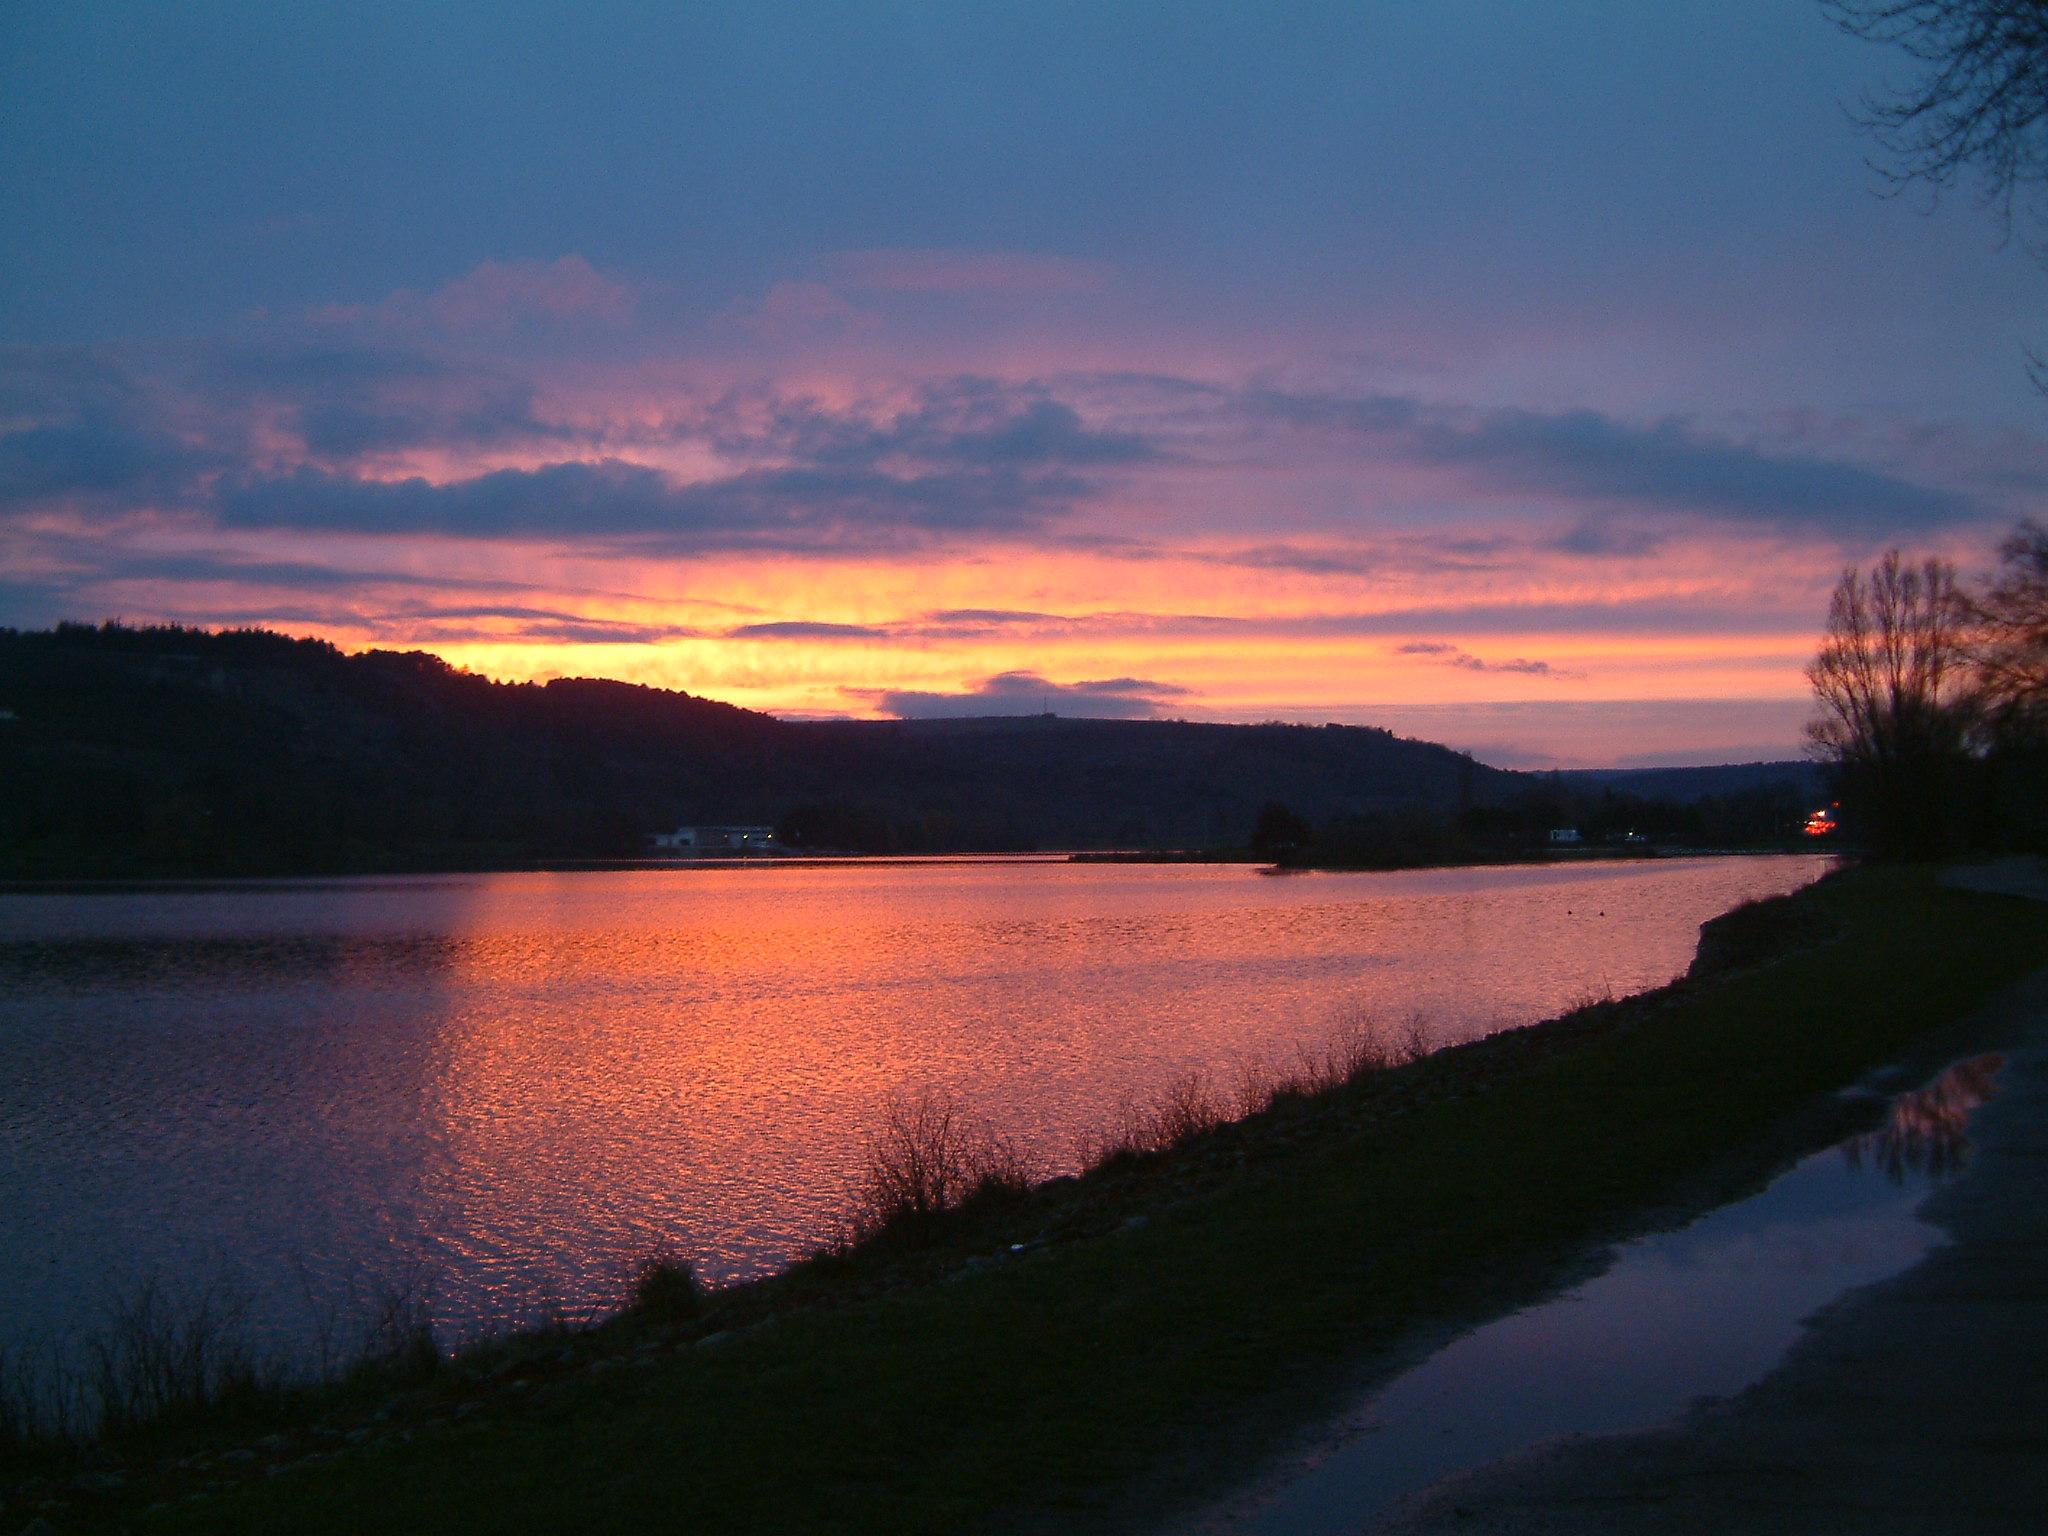 lac coucher de soleil -#main